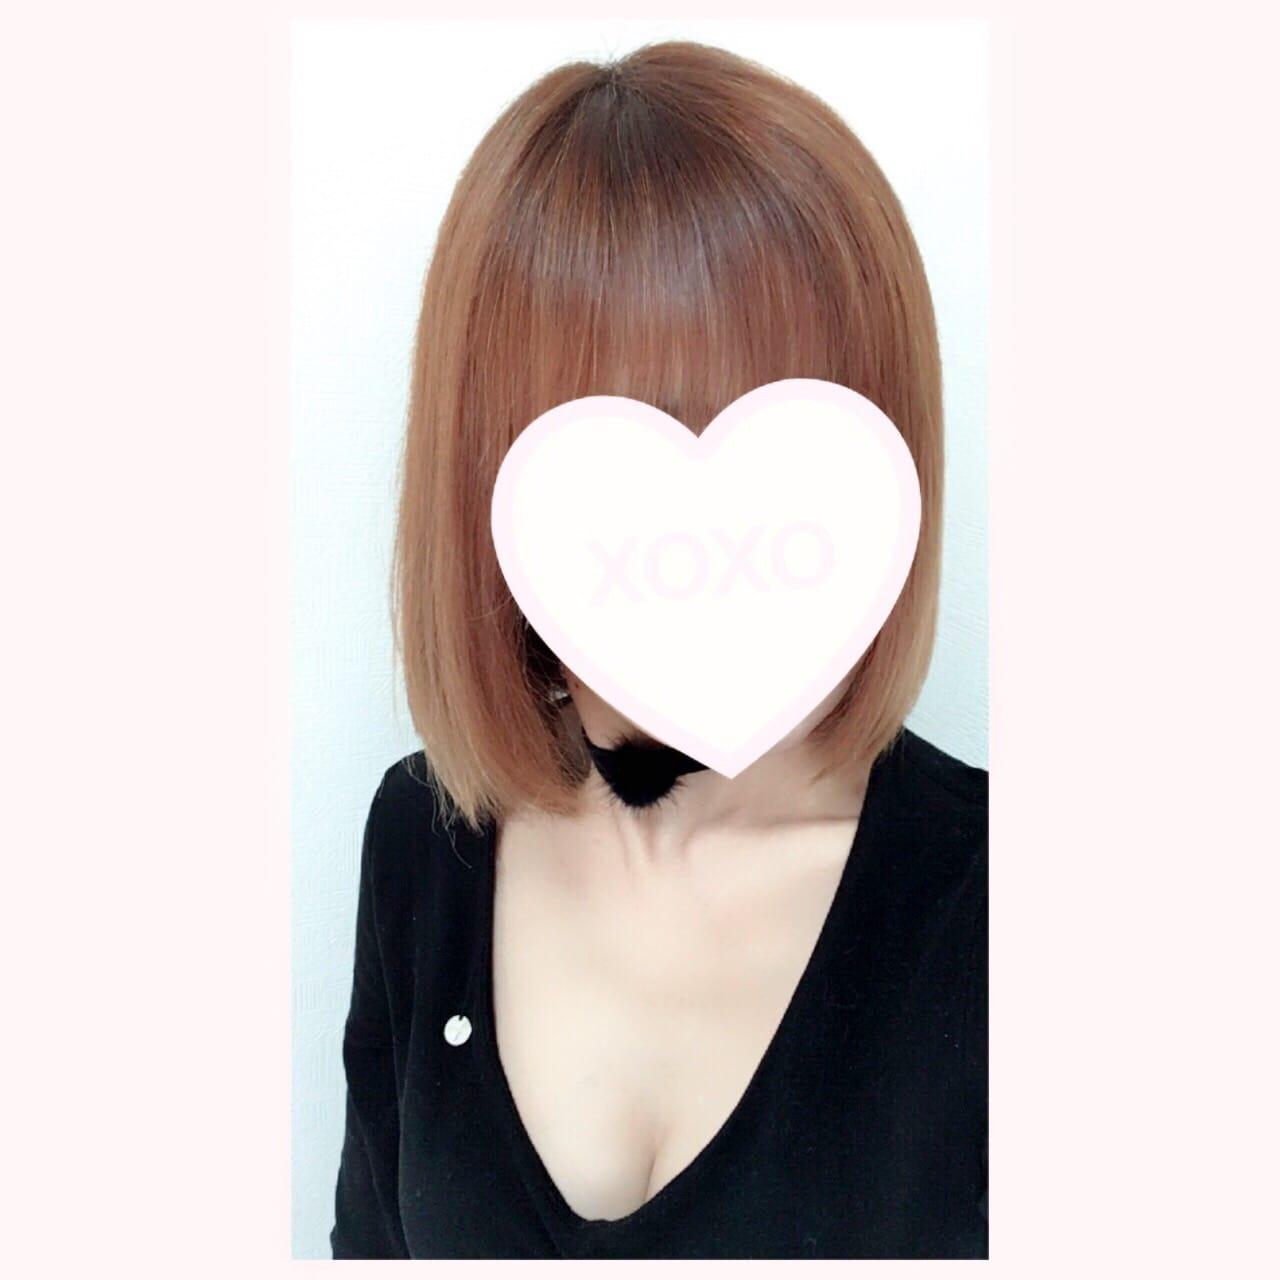 「S駅でお会いしたS様」03/18(日) 00:55   りえの写メ・風俗動画